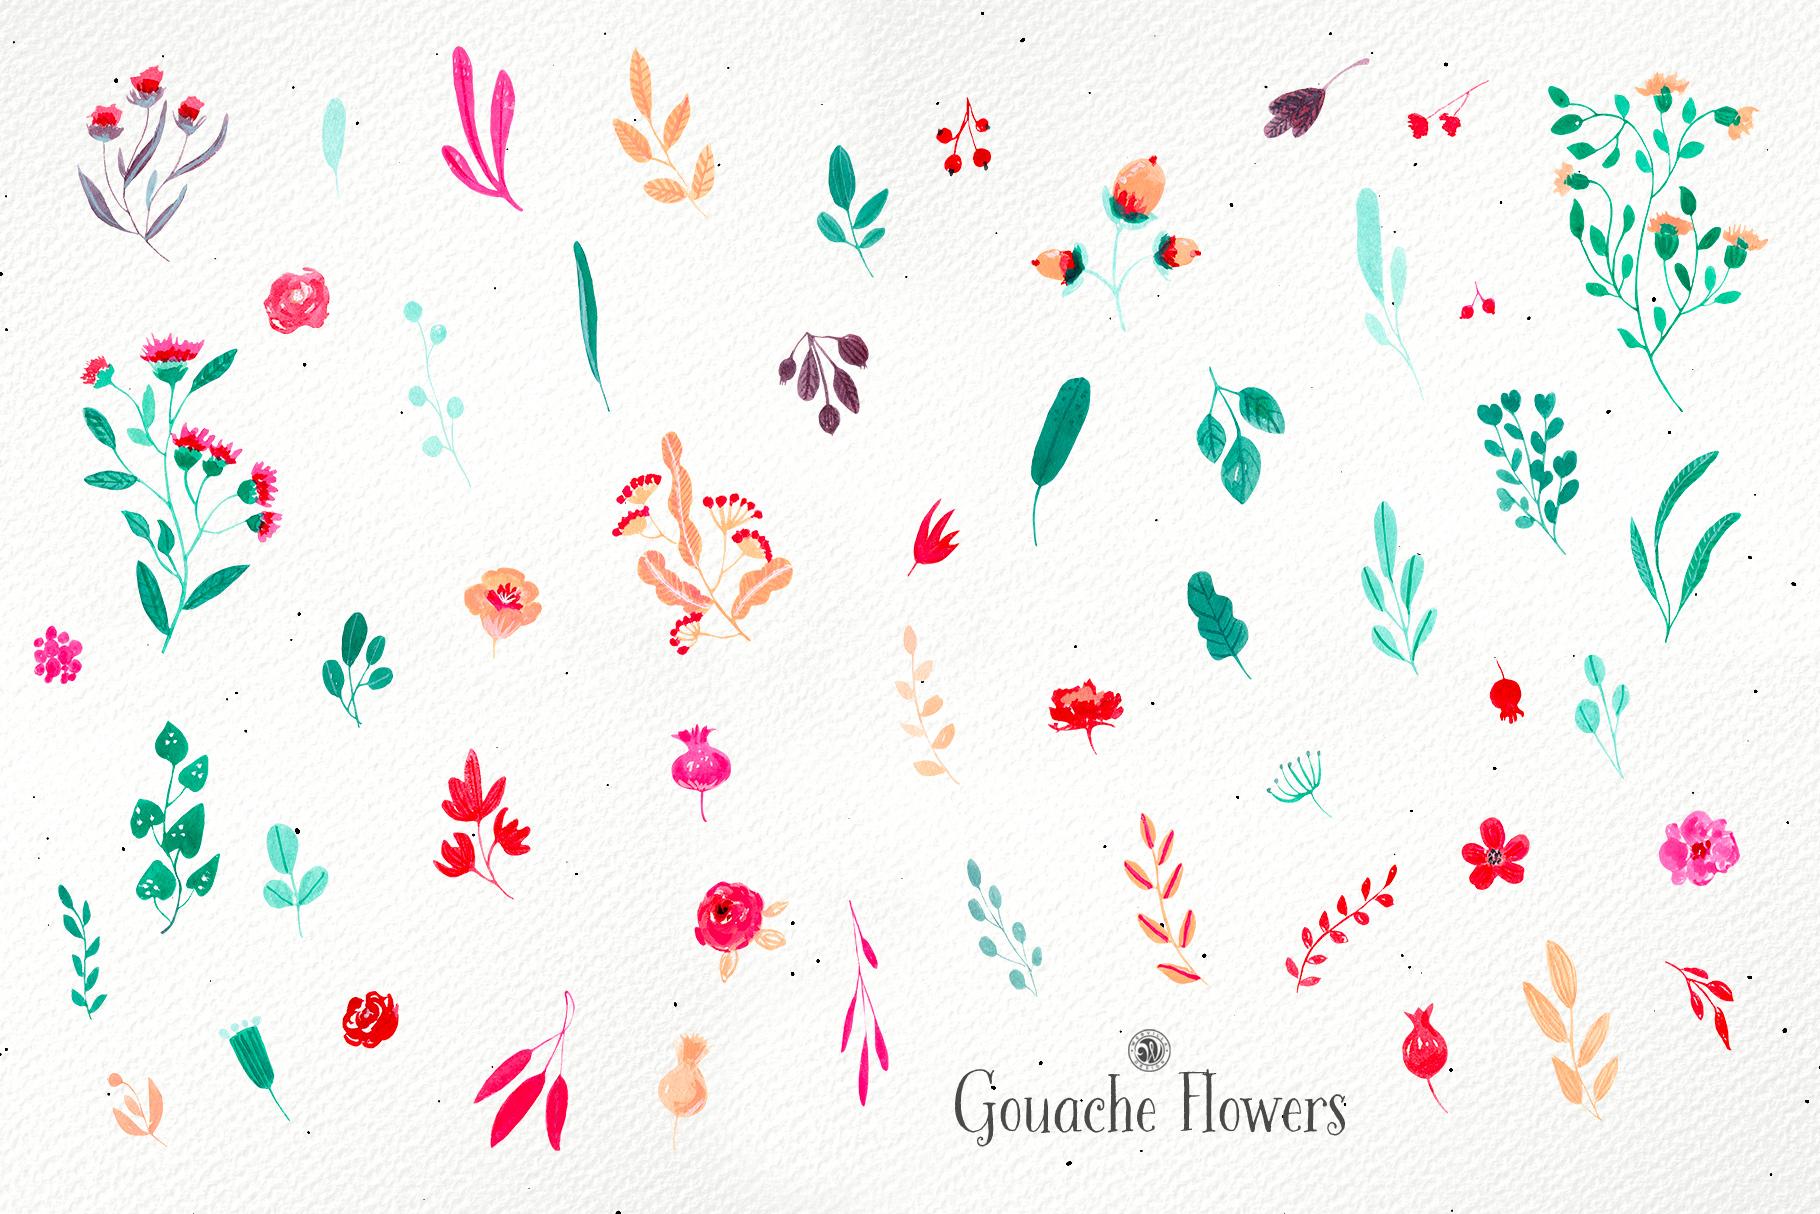 Gouache Flowers example image 7